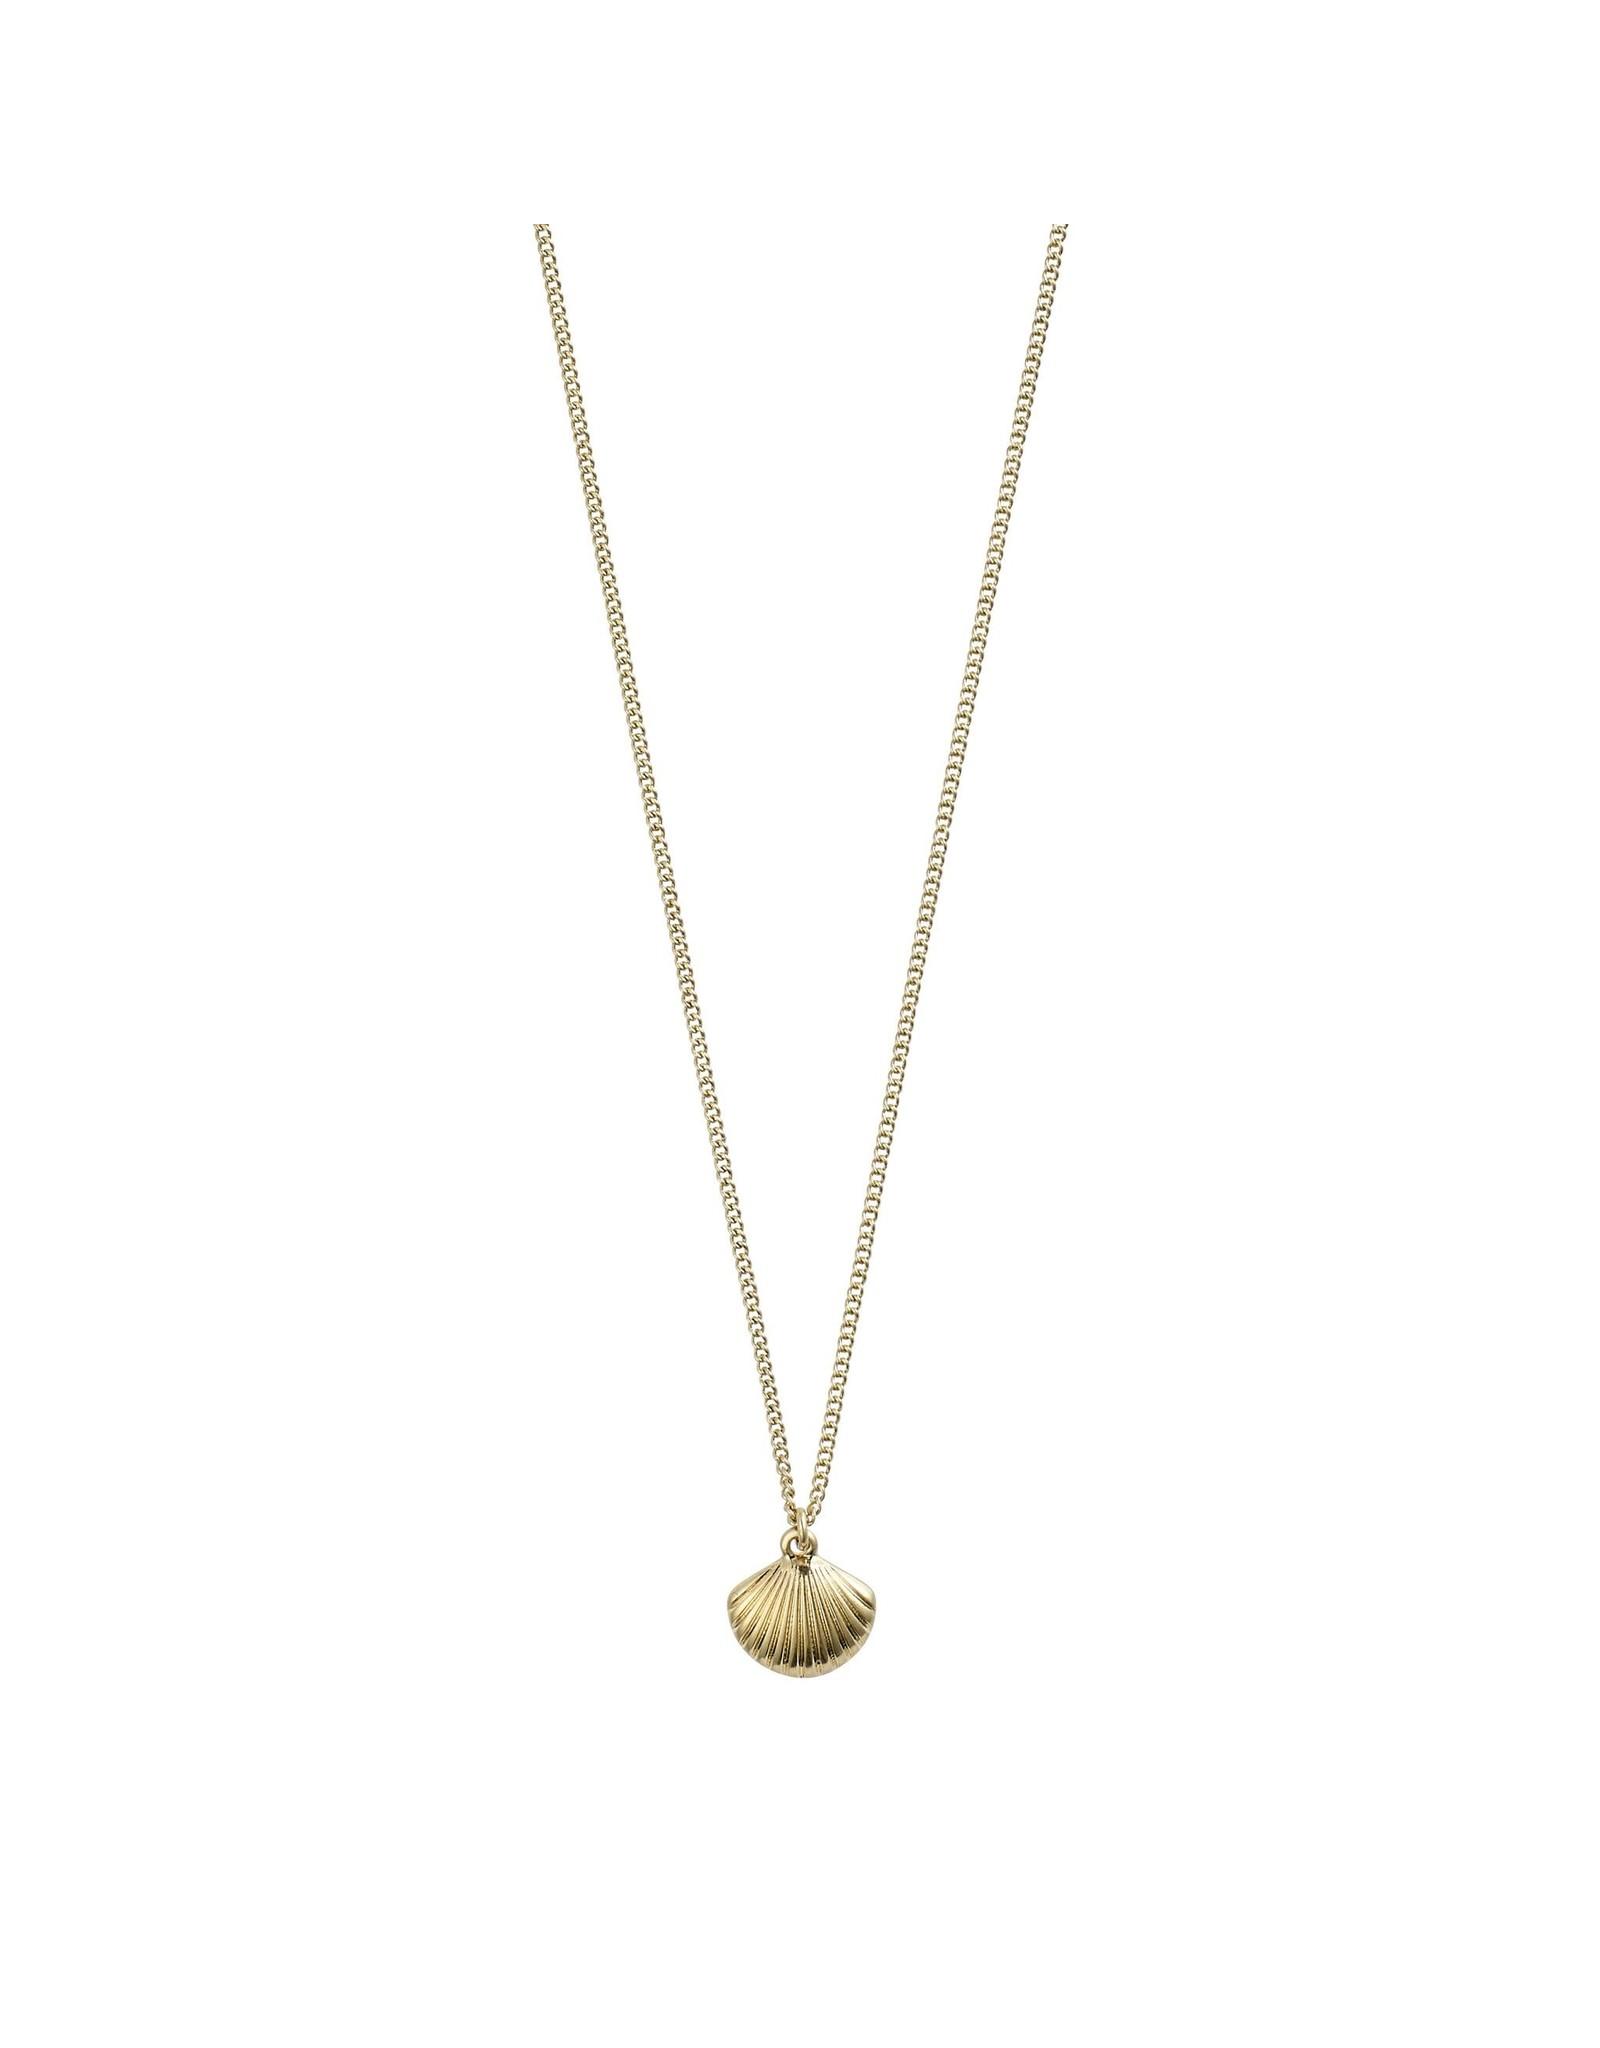 Pilgrim Pilgrim Love Necklace Gold Plated